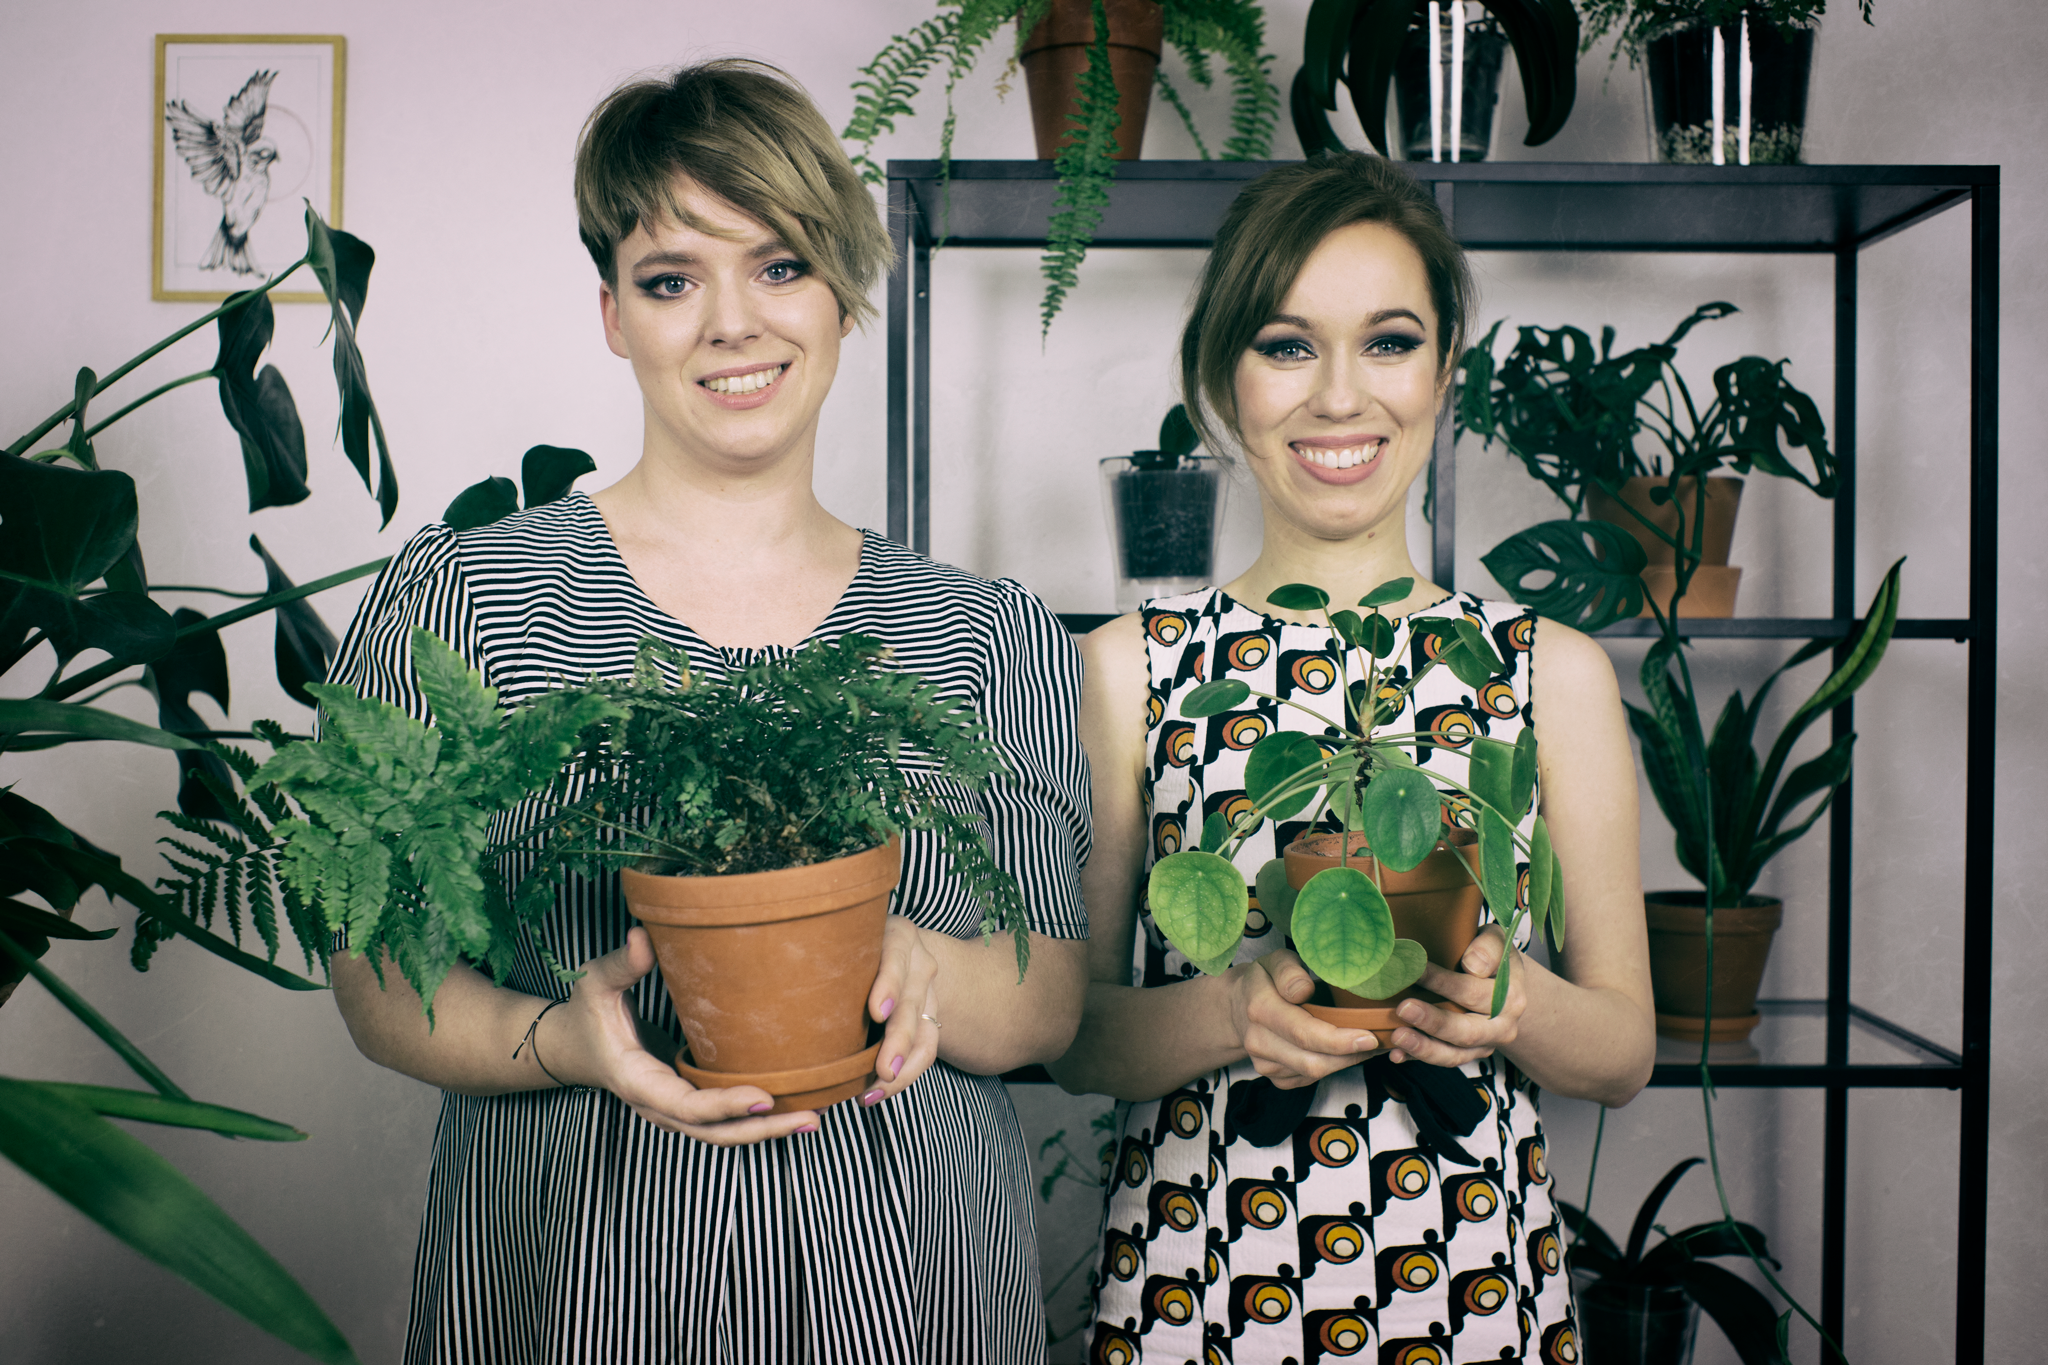 Dwie dziewczyny: brunetka i blondynka, trzymające w dłoniach doniczki z kwiatami